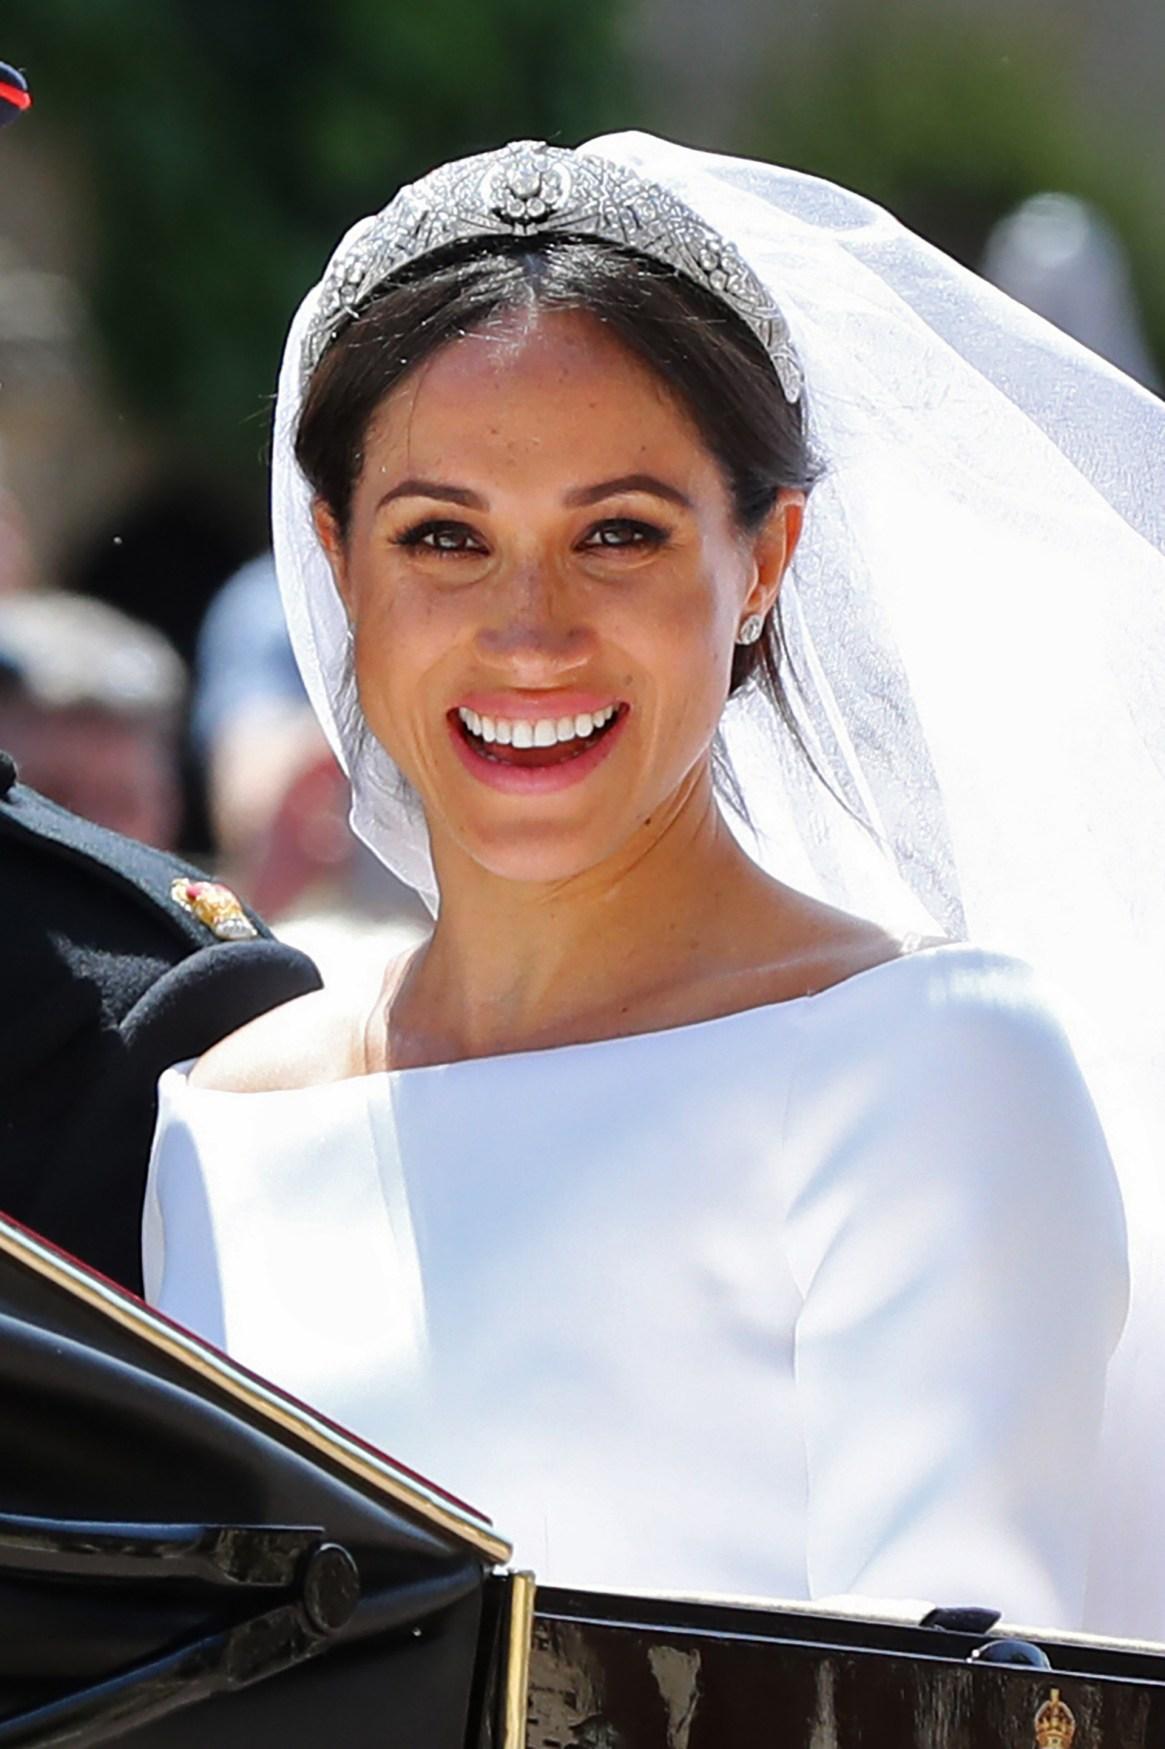 Meghan Markle llevaba un vestido de novia de color blanco creado por la diseñadora británica Clare Waight Keller, directora artística de la casa de alta costura francesa Givenchy.